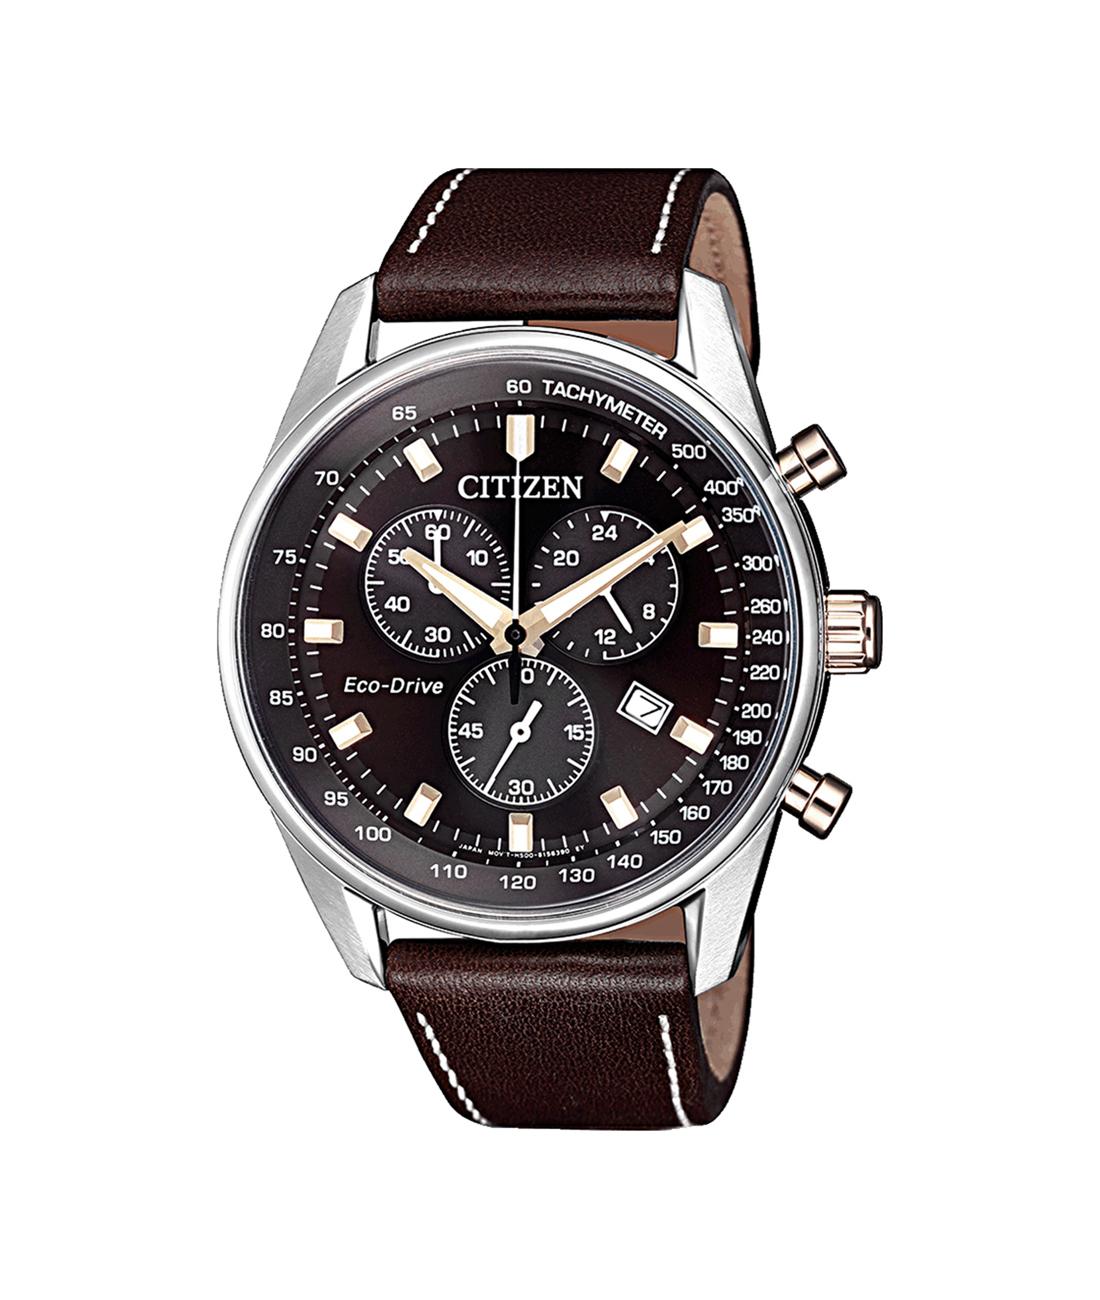 Zegarek Citizen Eco-Drive AT2396-19X w atrakcyjnej cenie ... 3d4788348a